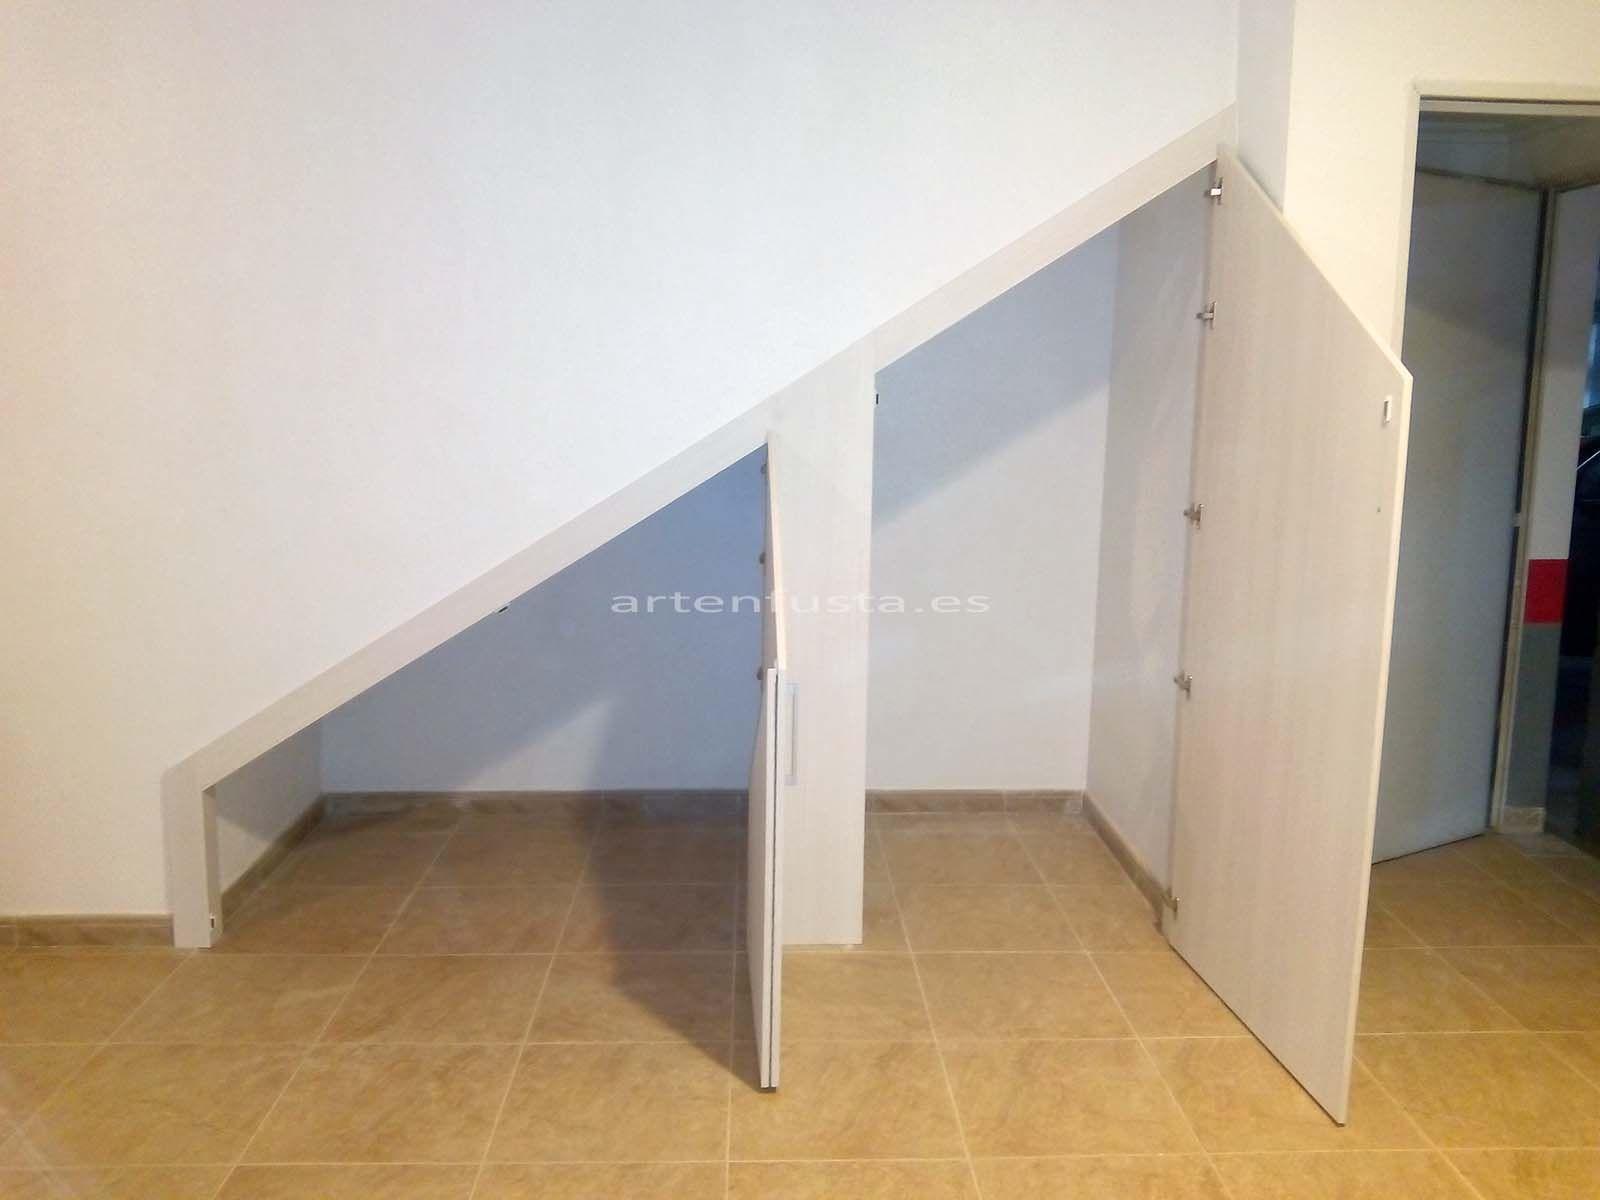 puertas a medida de bajo de escalera elche alicante